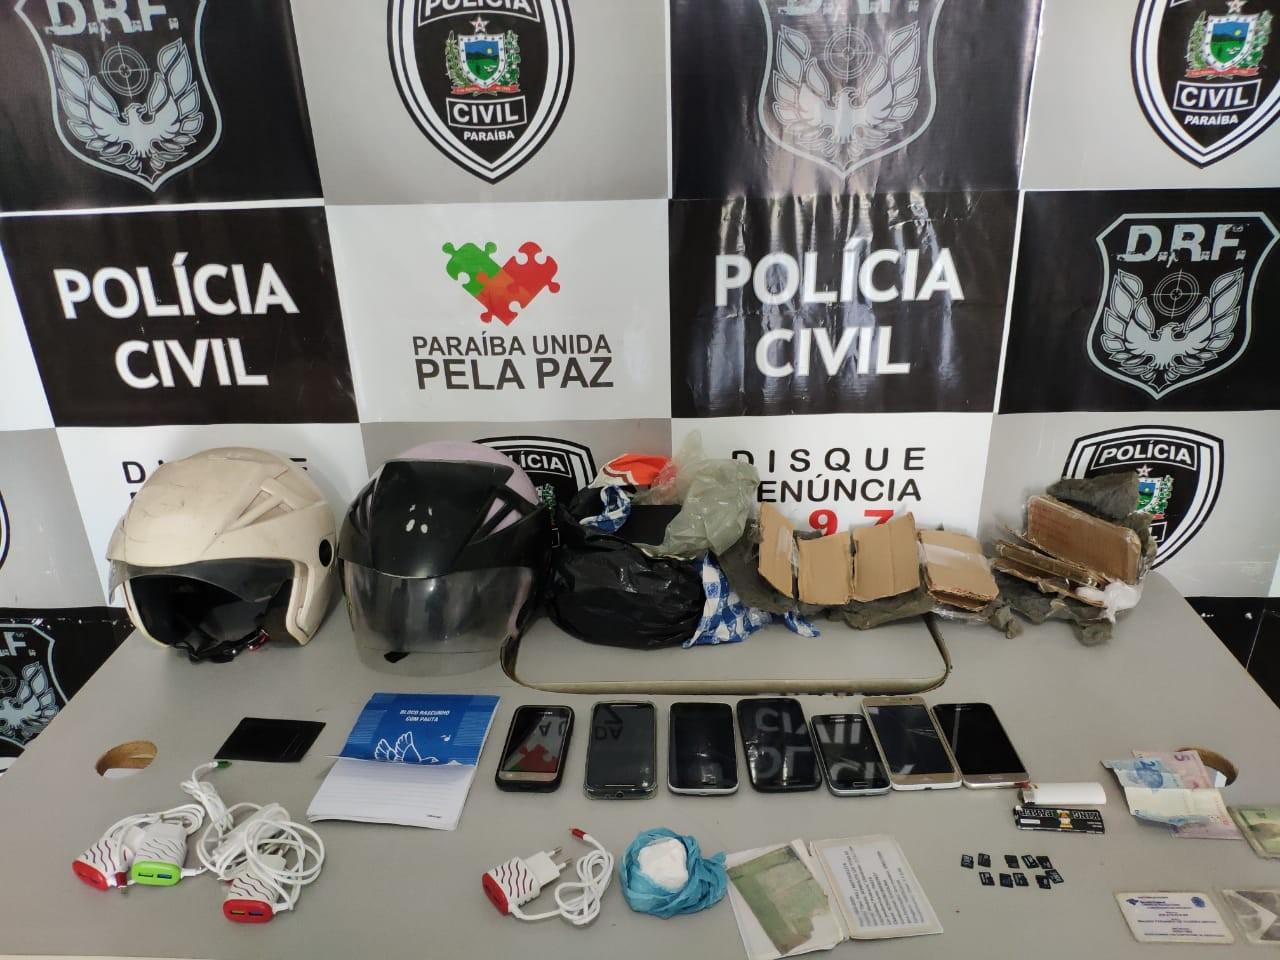 Grupo é detido suspeito de tentar arremessar drogas para o presídio Serrotão, em Campina Grande - Notícias - Plantão Diário